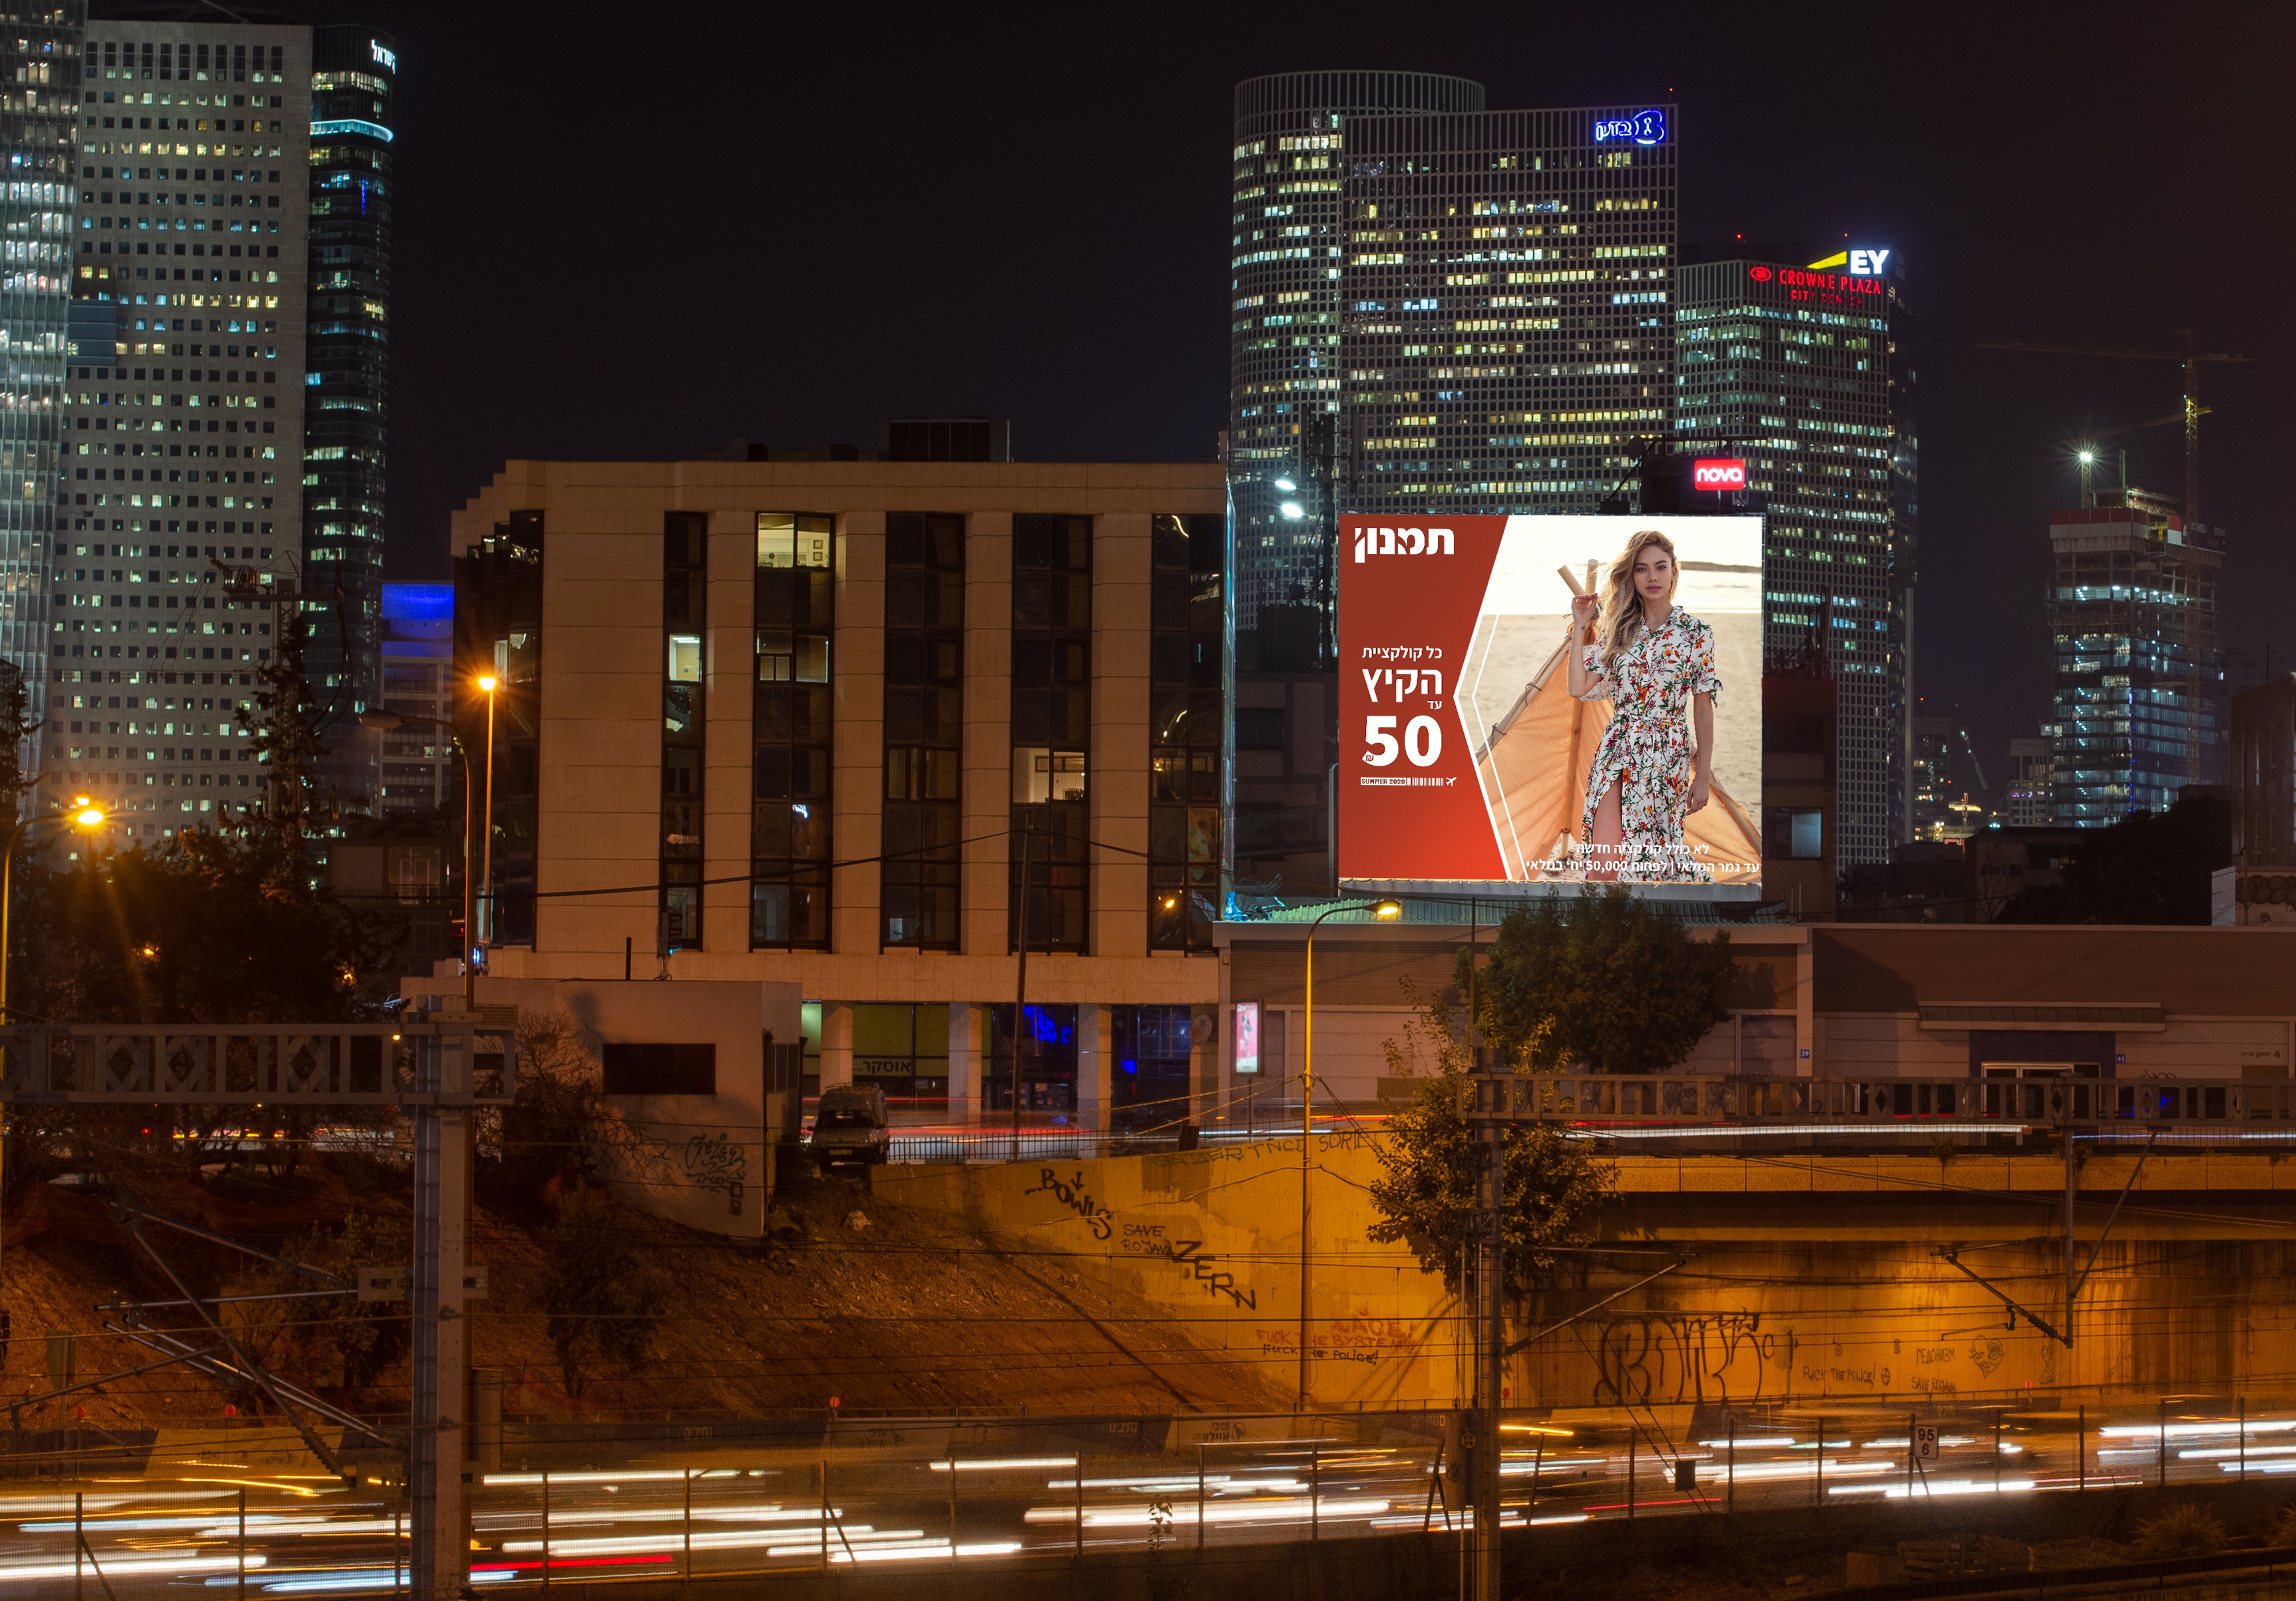 שלטי חוצות בתל אביב